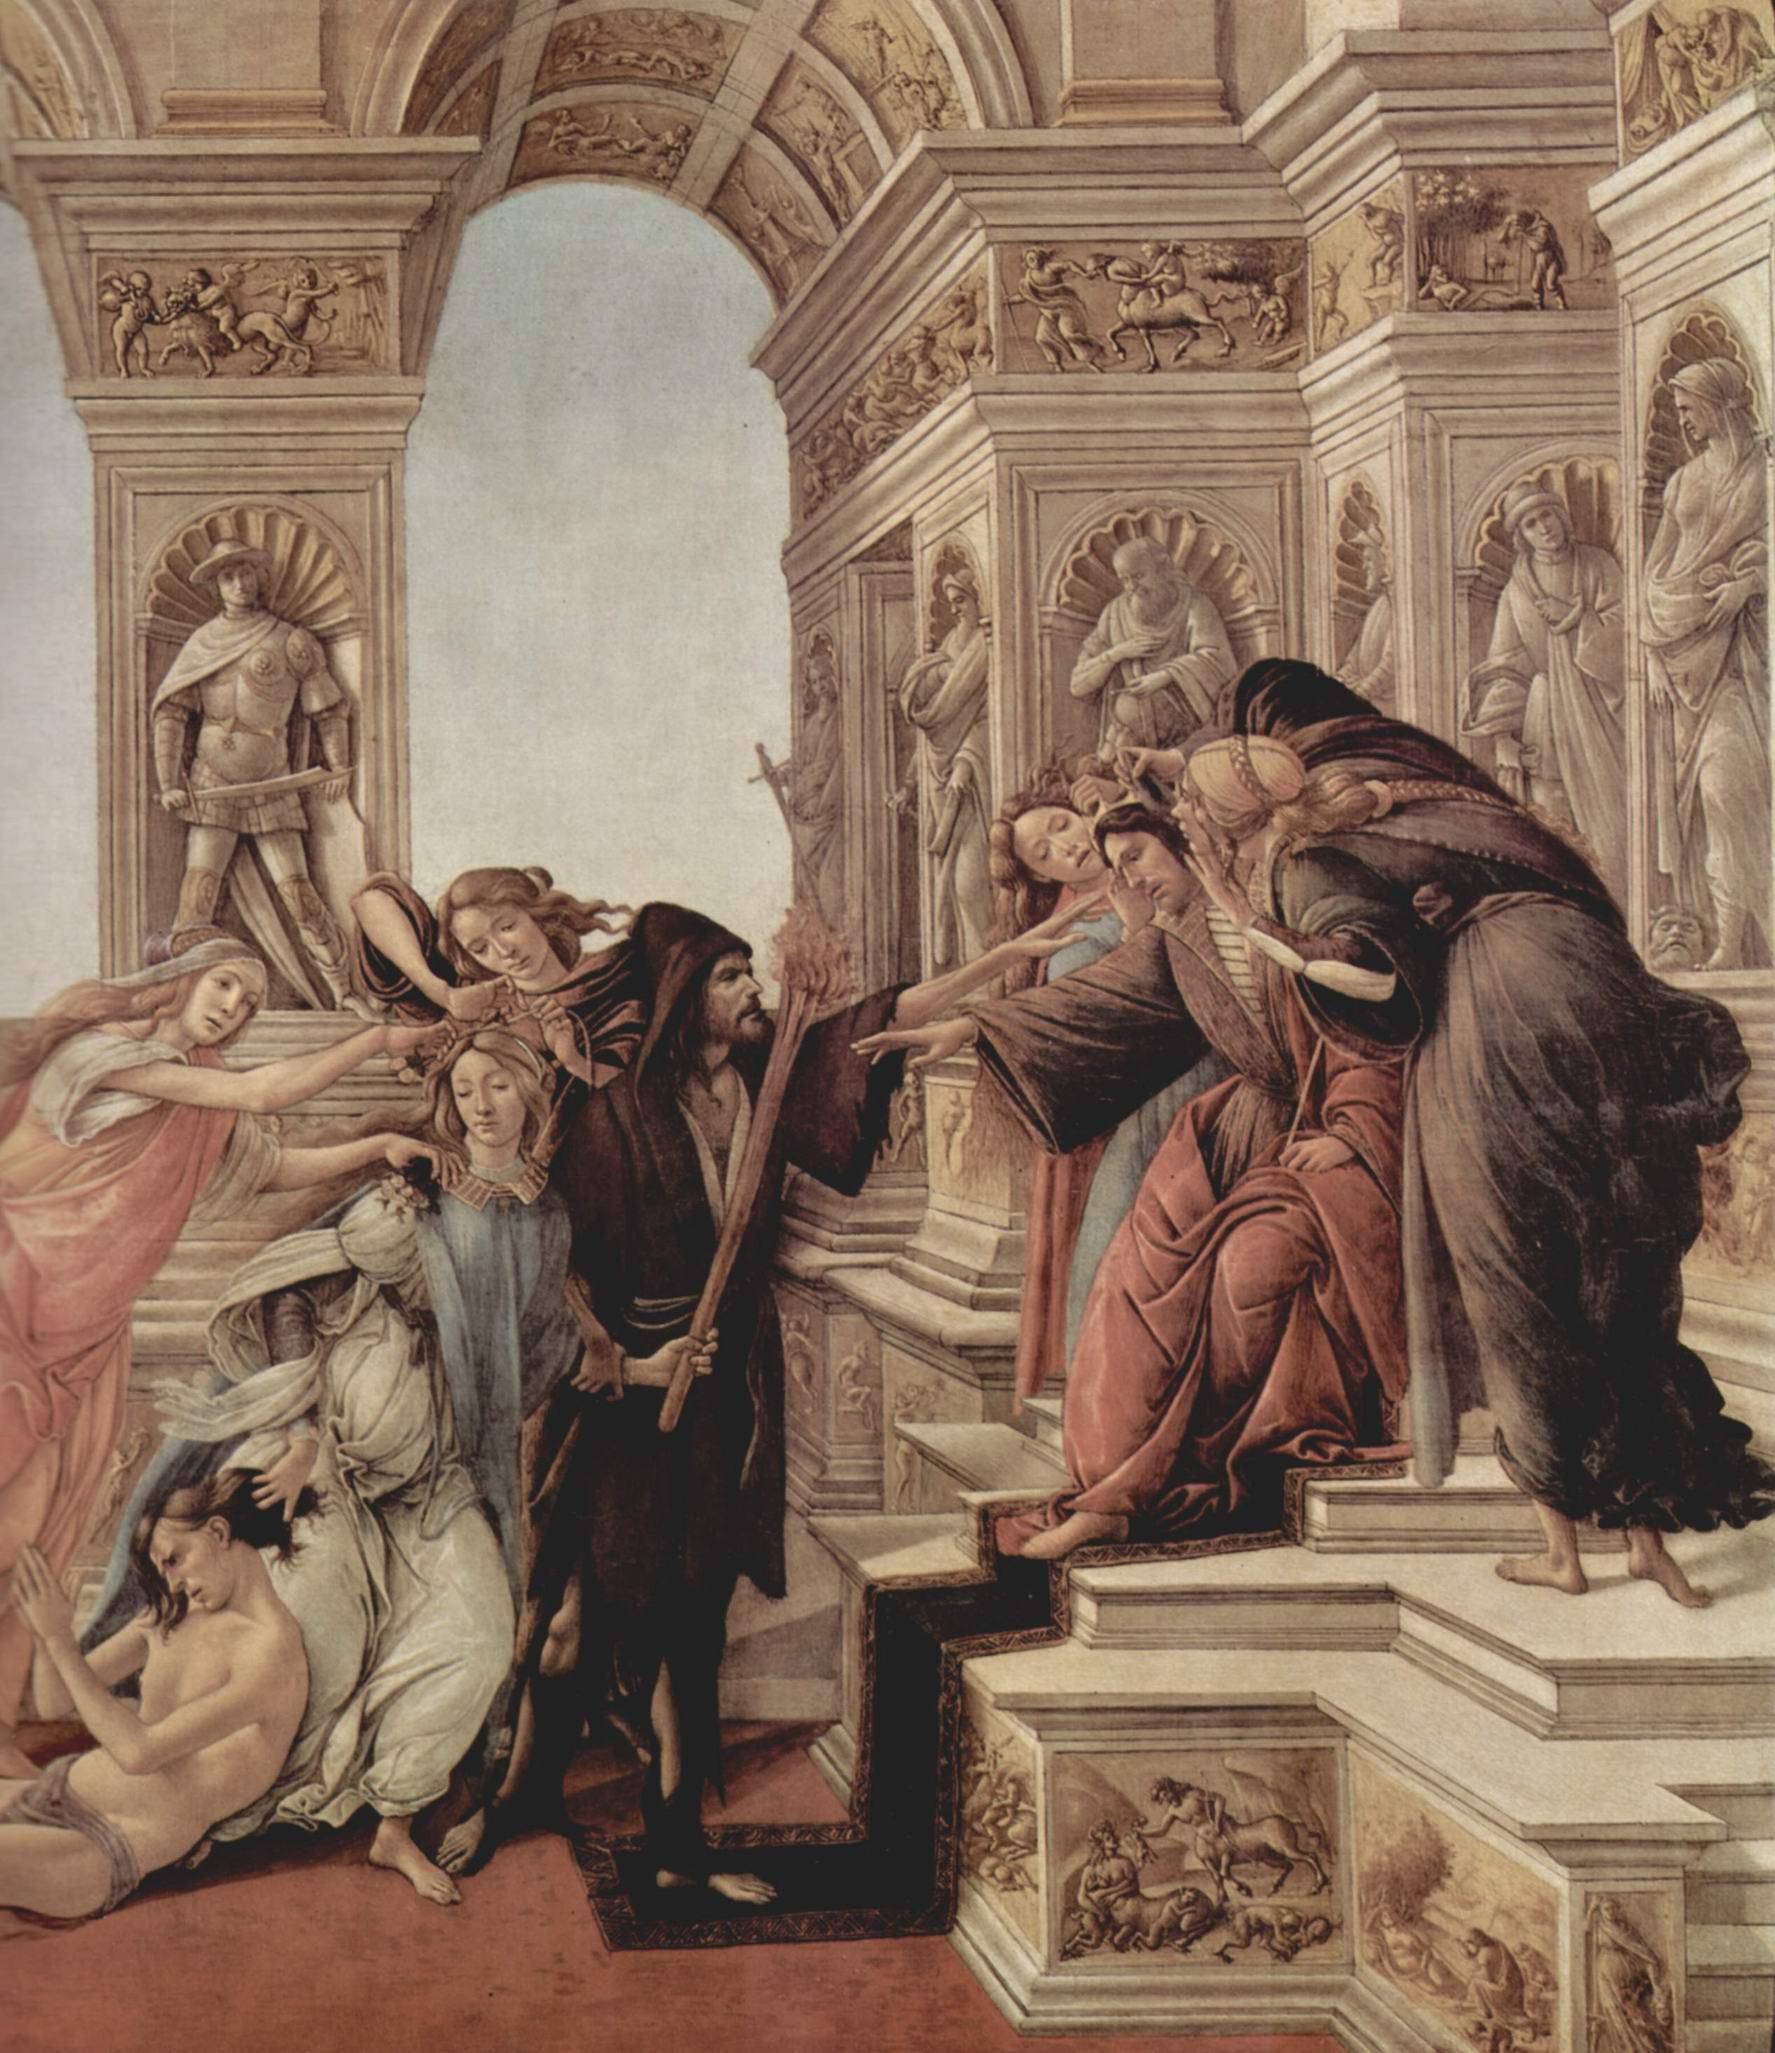 Клевета. Деталь  Аппелес оклеветан подкупленым судьёй, Сандро Боттичелли